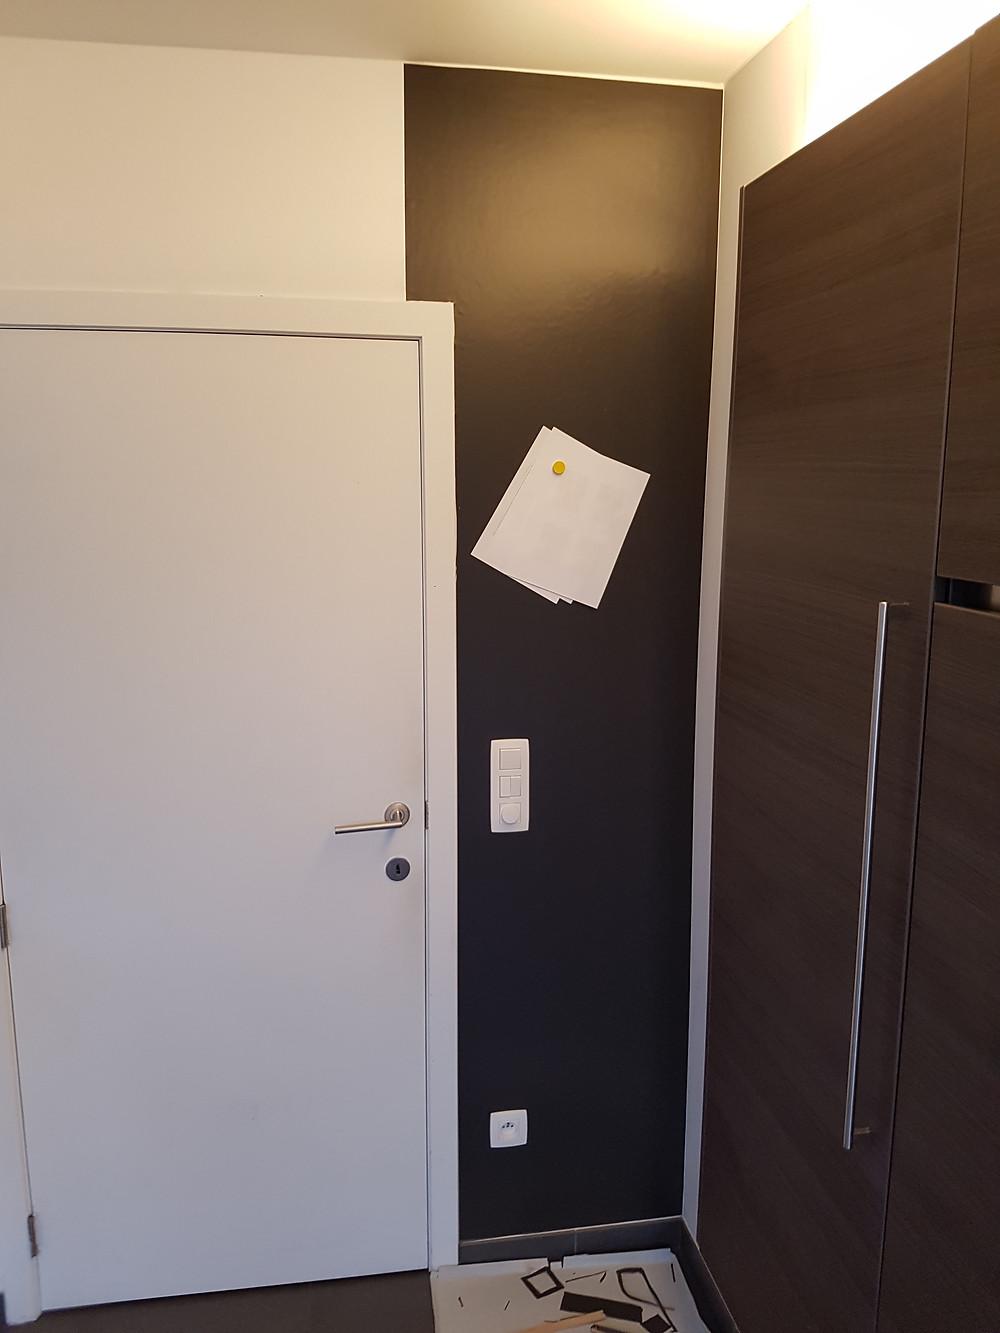 magneetbehang tegen muur Deckers Interieur